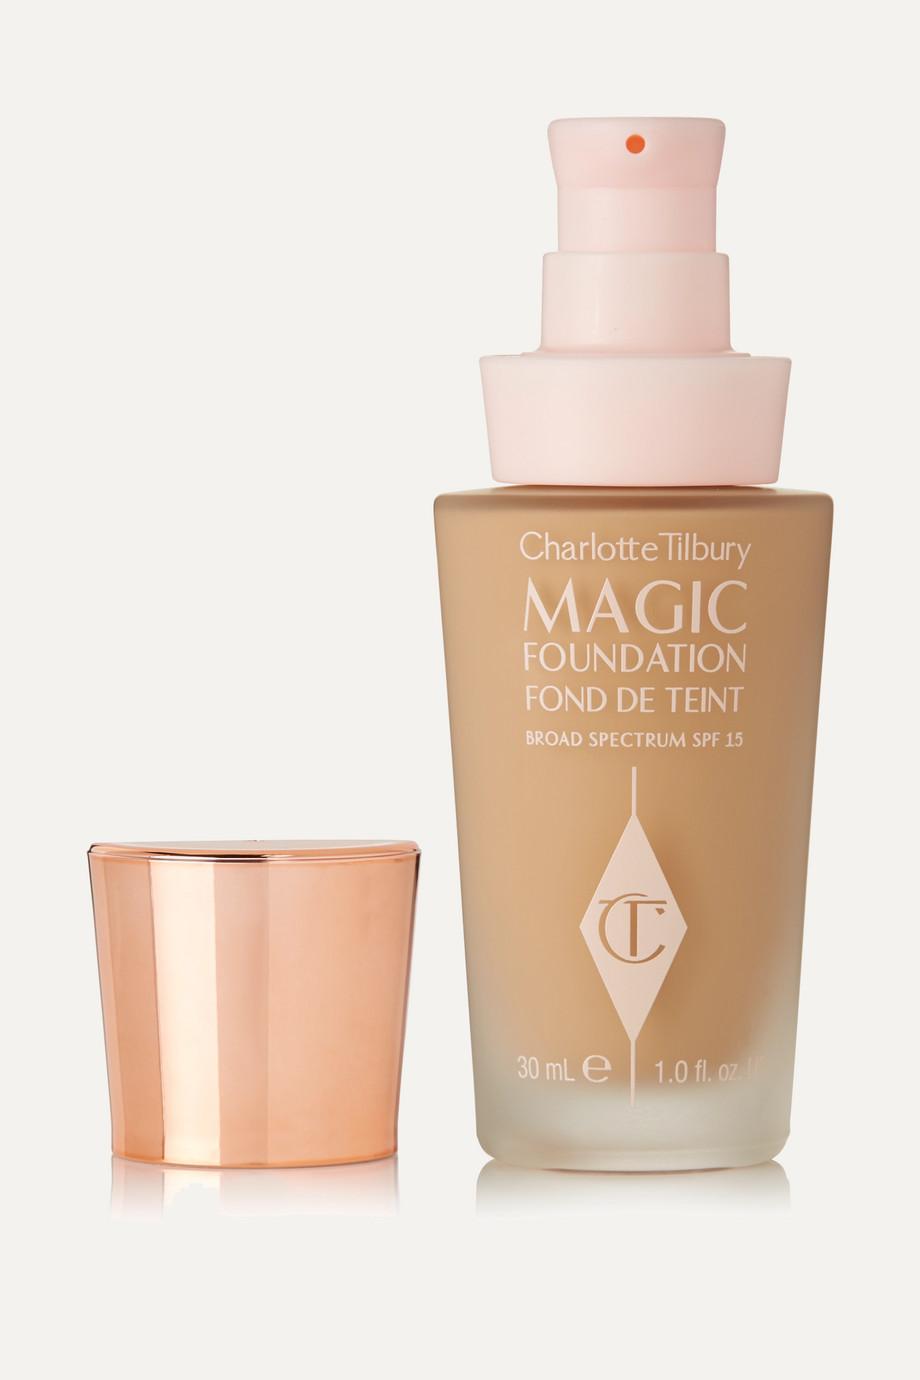 Charlotte Tilbury Fond de teint zéro défaut tenue longue durée Magic Foundation SPF 15, Nuance 6.5, 30 ml